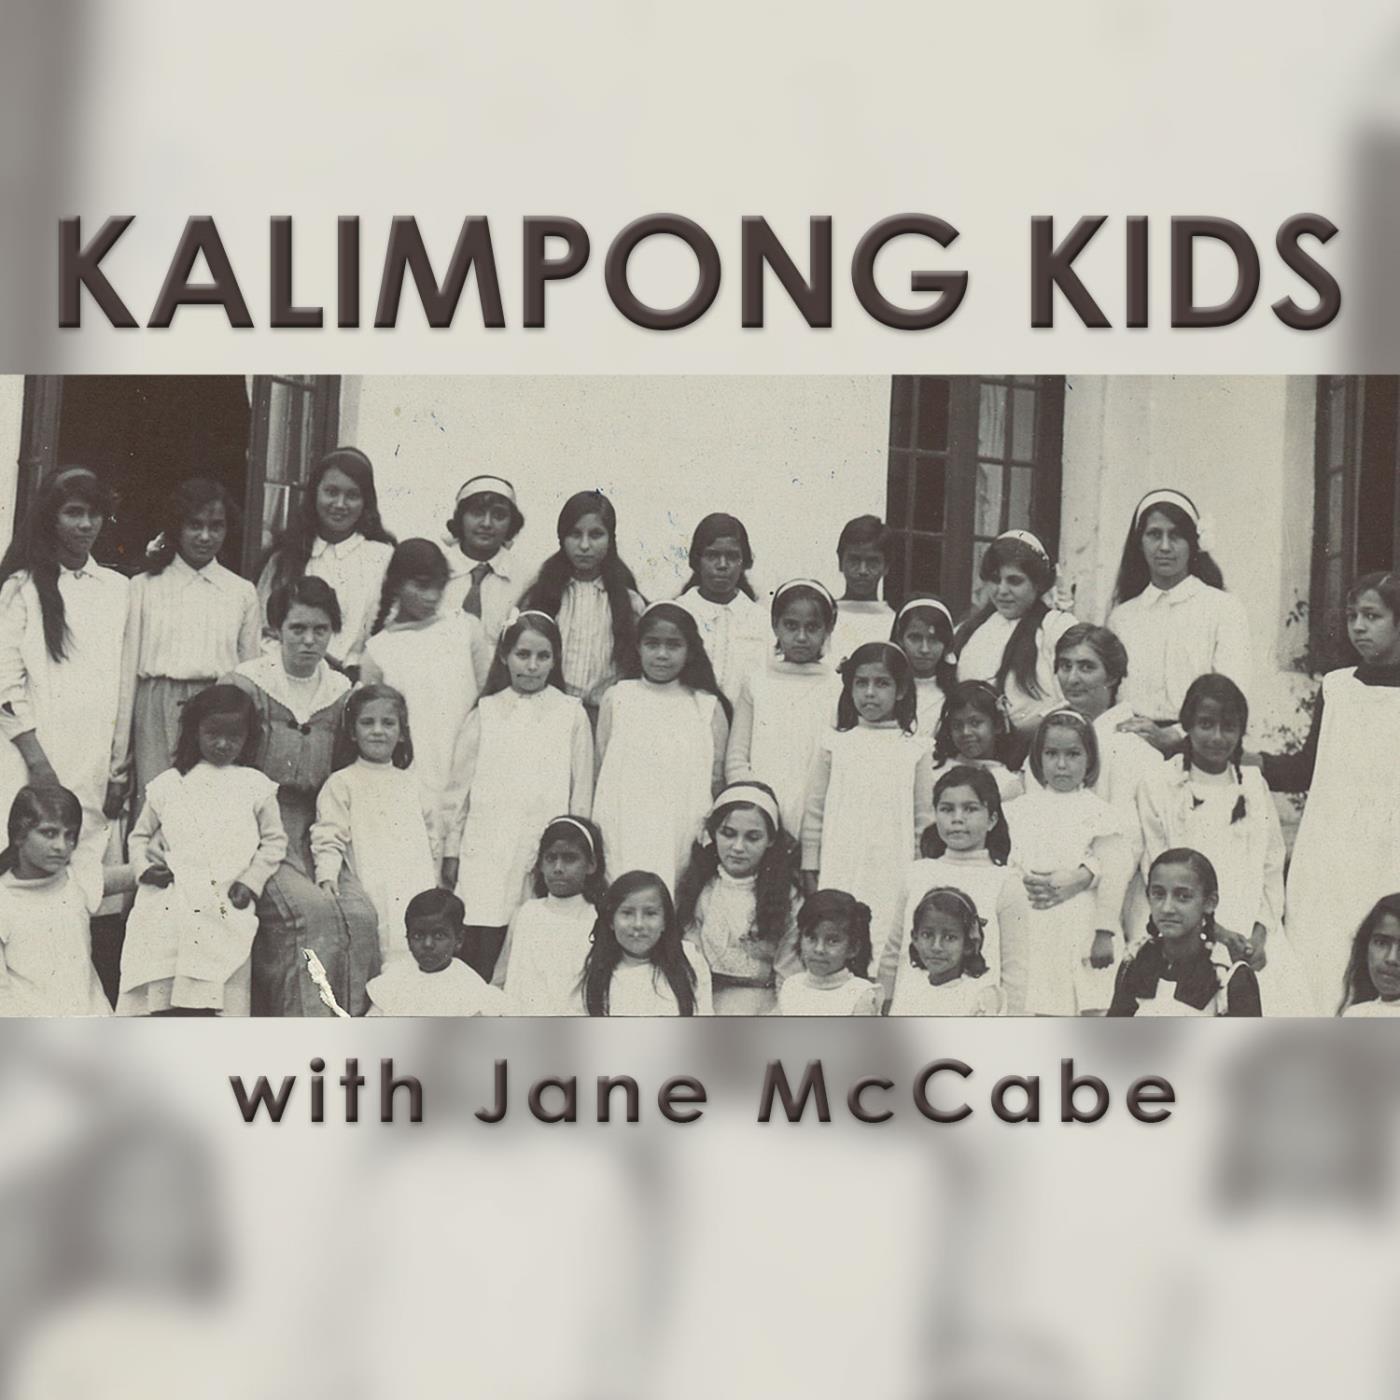 Kalimpong Kids